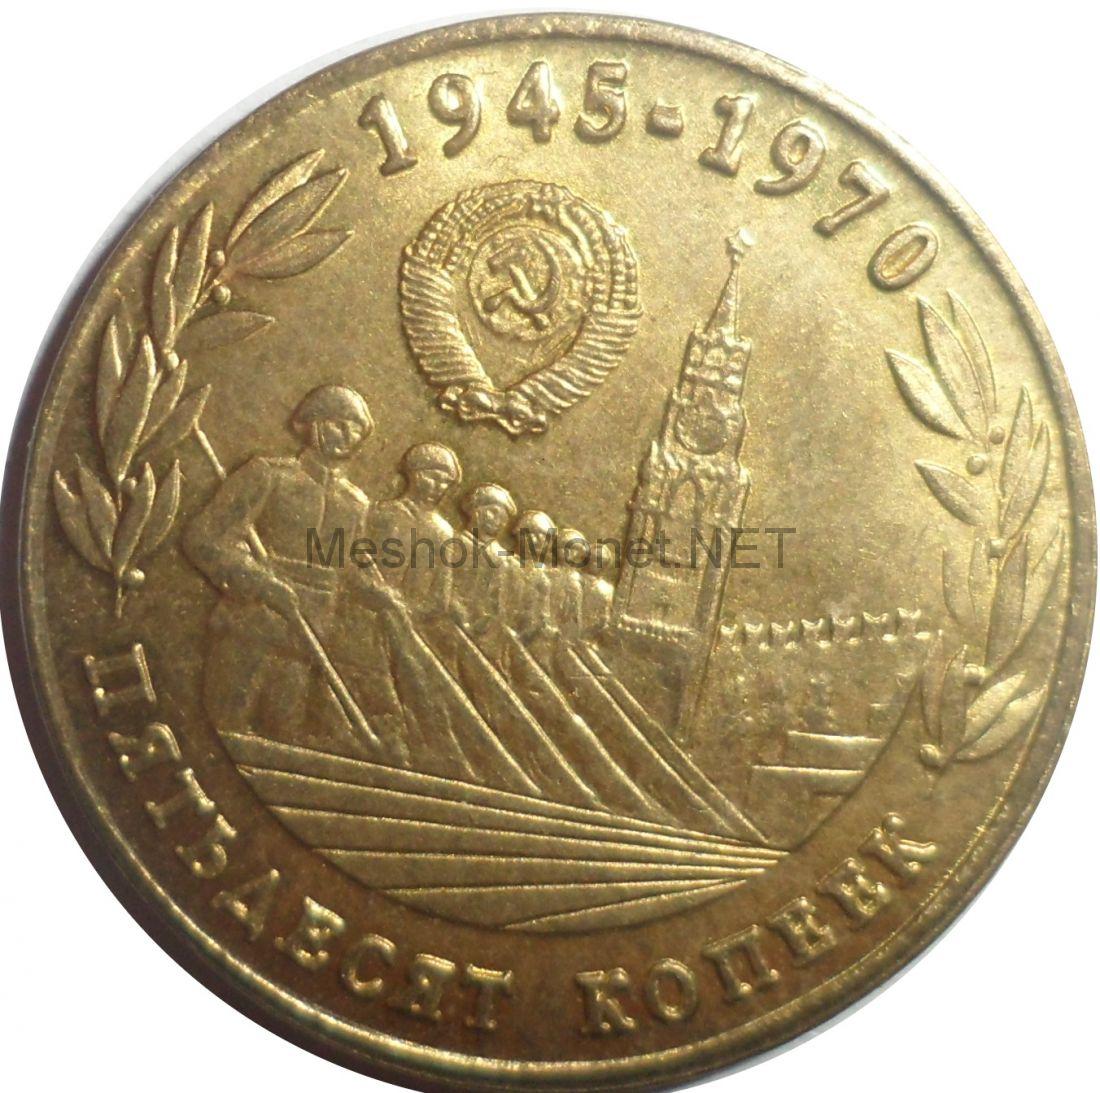 Копия монеты 50 копеек 1970 года 25 лет победы